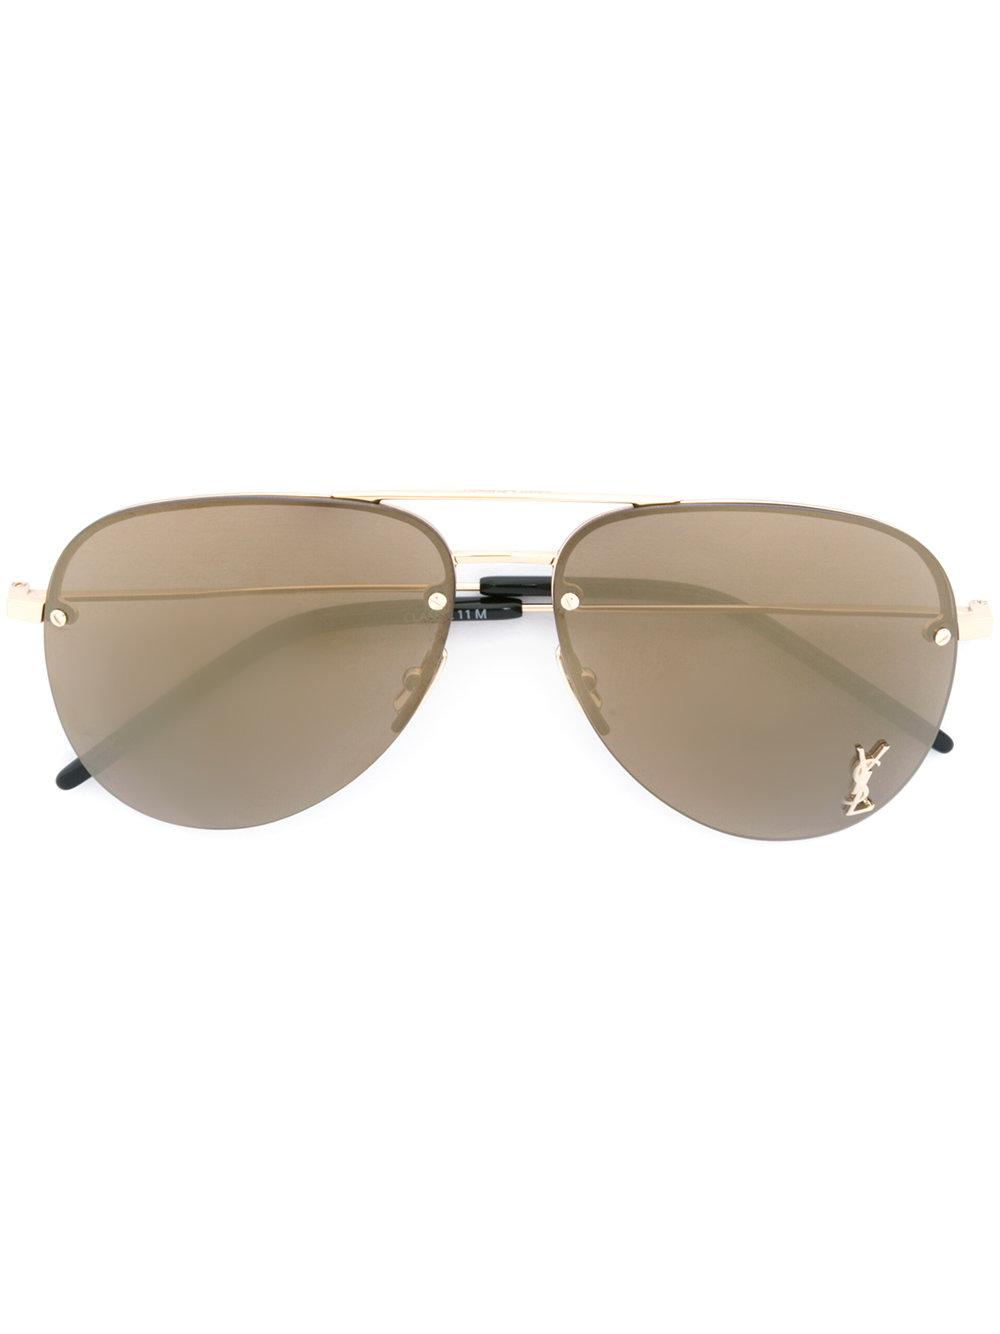 aed690674a Saint Laurent Monogram M11 Sunglasses in Black - Lyst